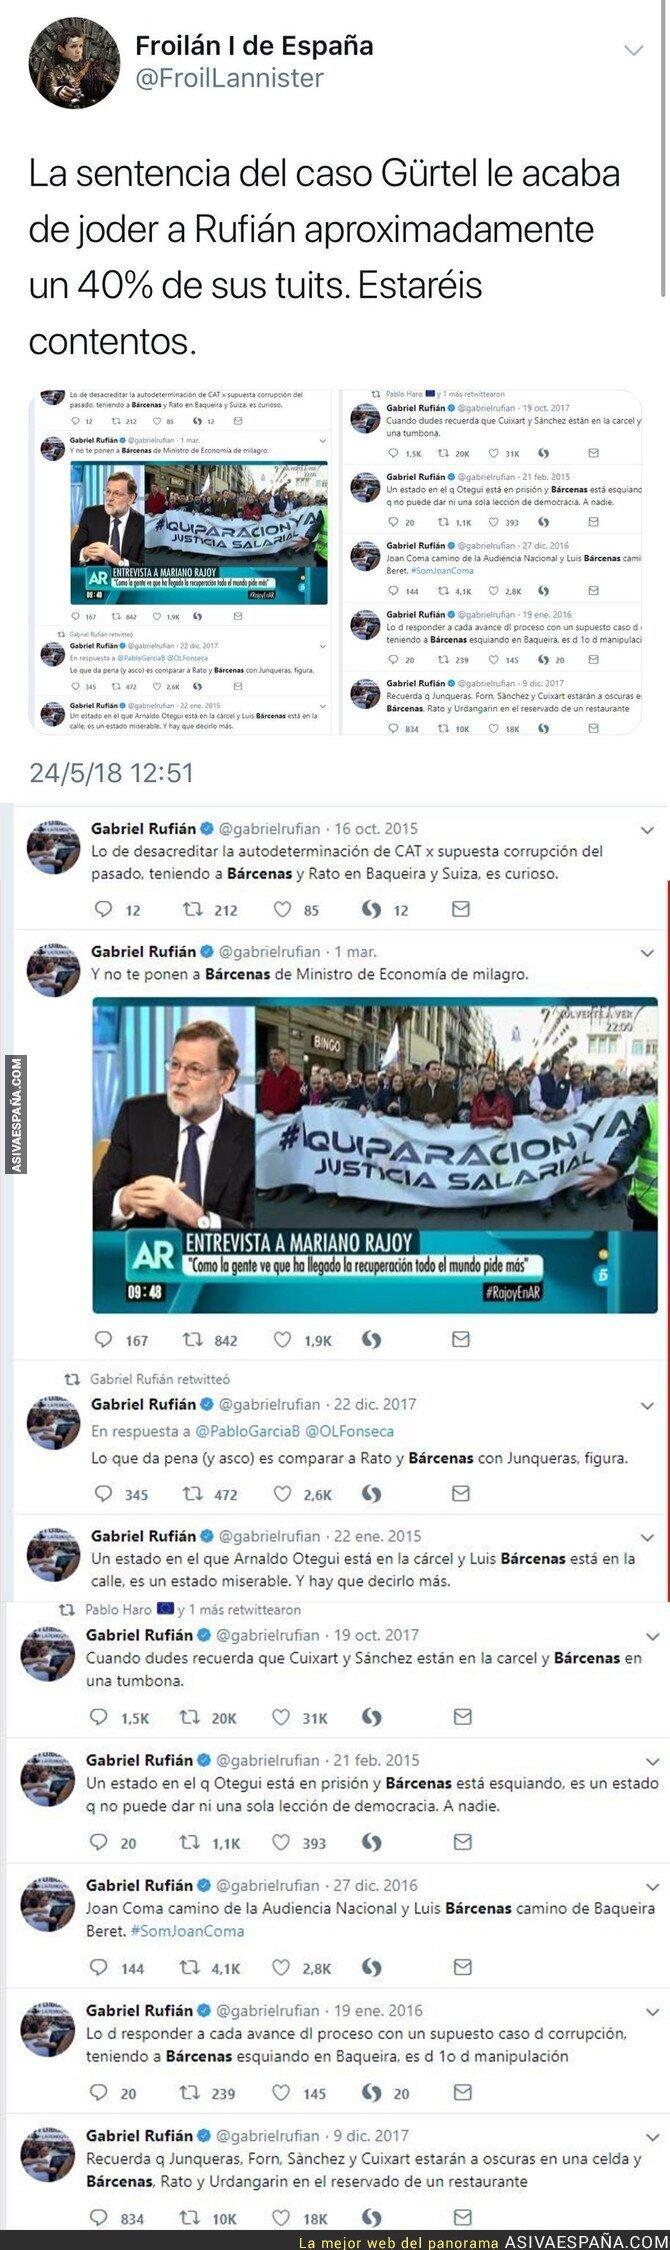 87380 - El gran damnificado por la entrada en prisión de Bárcenas es Gabriel Rufián en Twitter